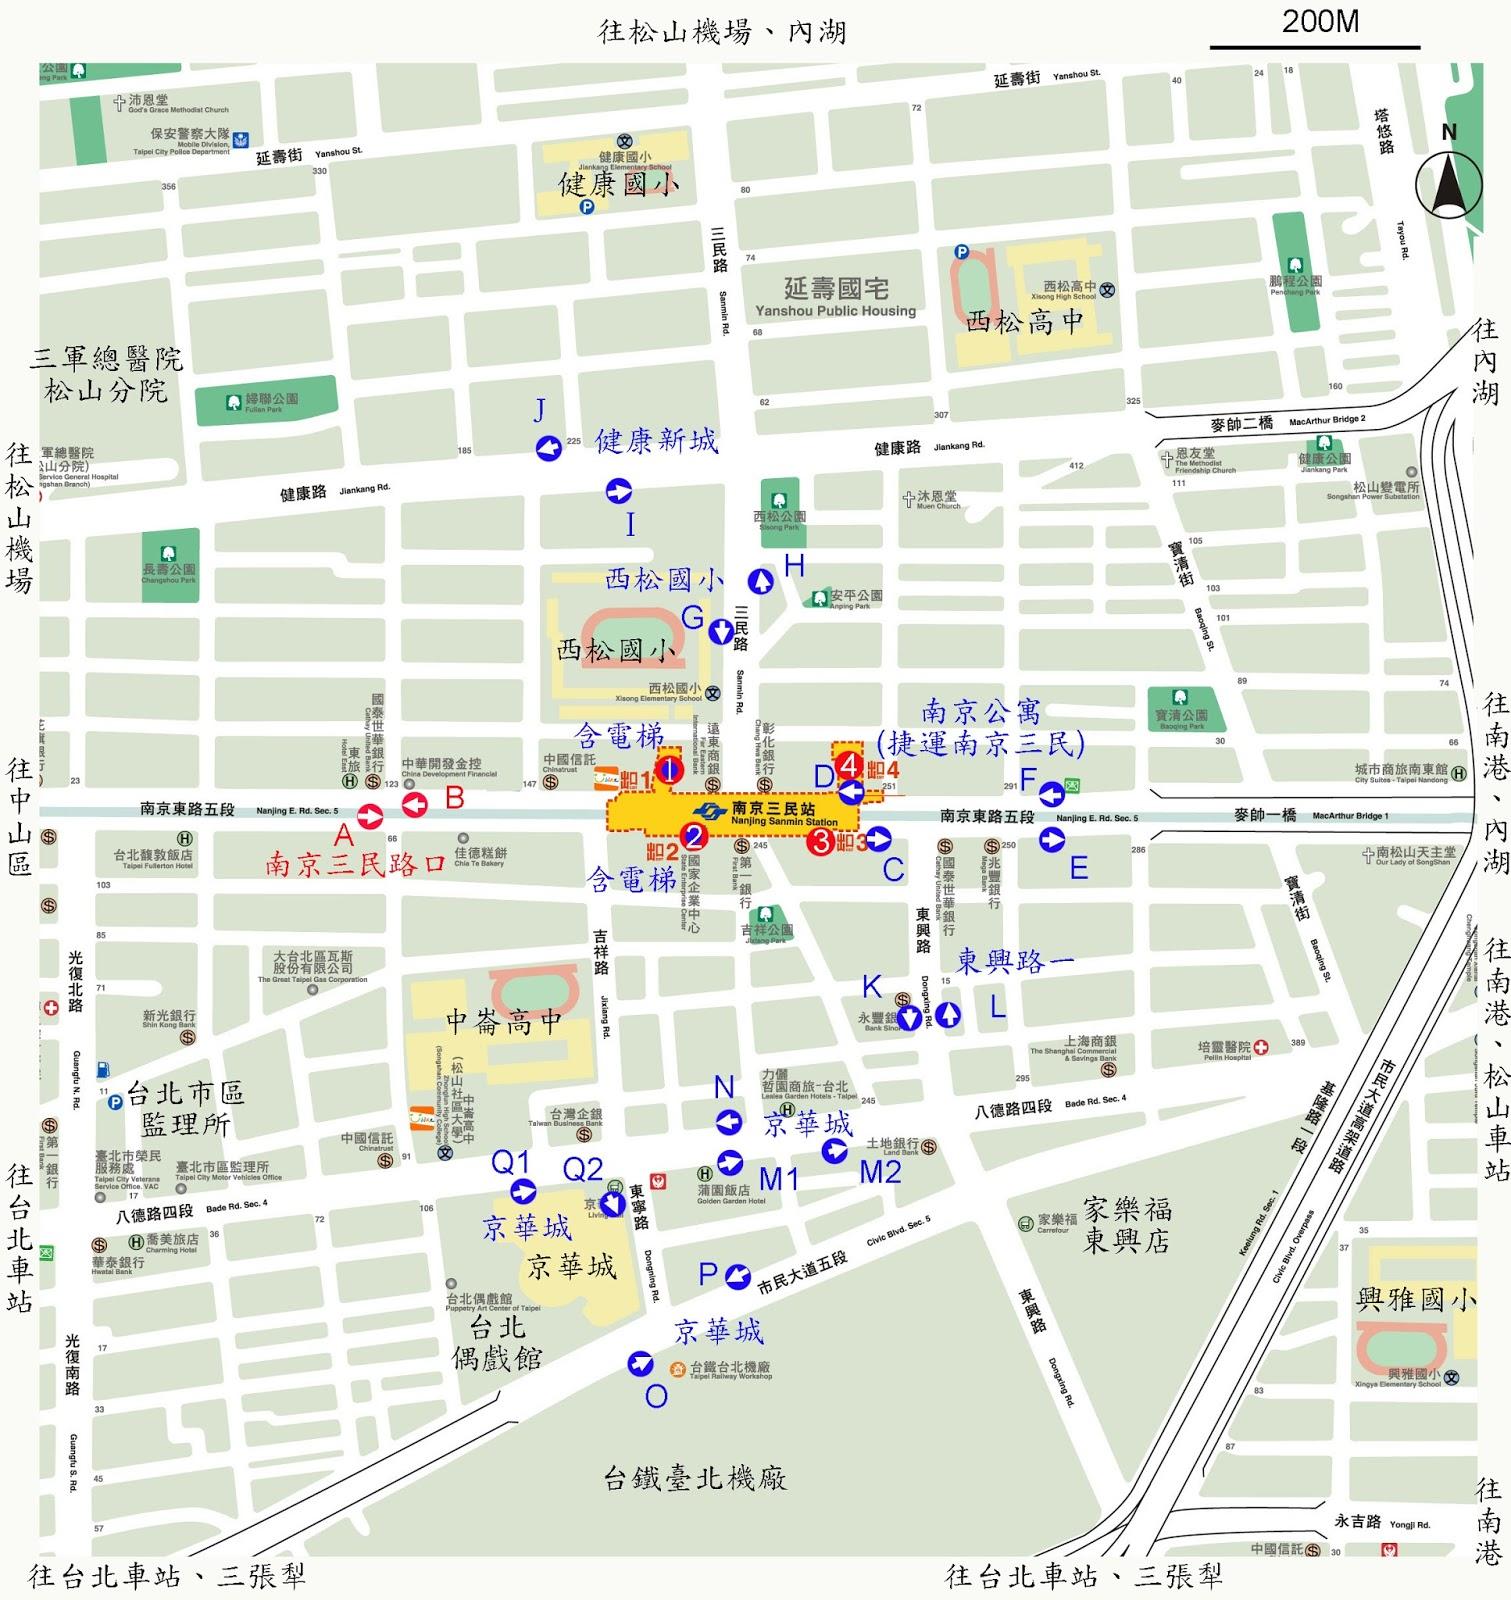 黃民彰的網站--Taiwan Taipei: 捷運南京三民站